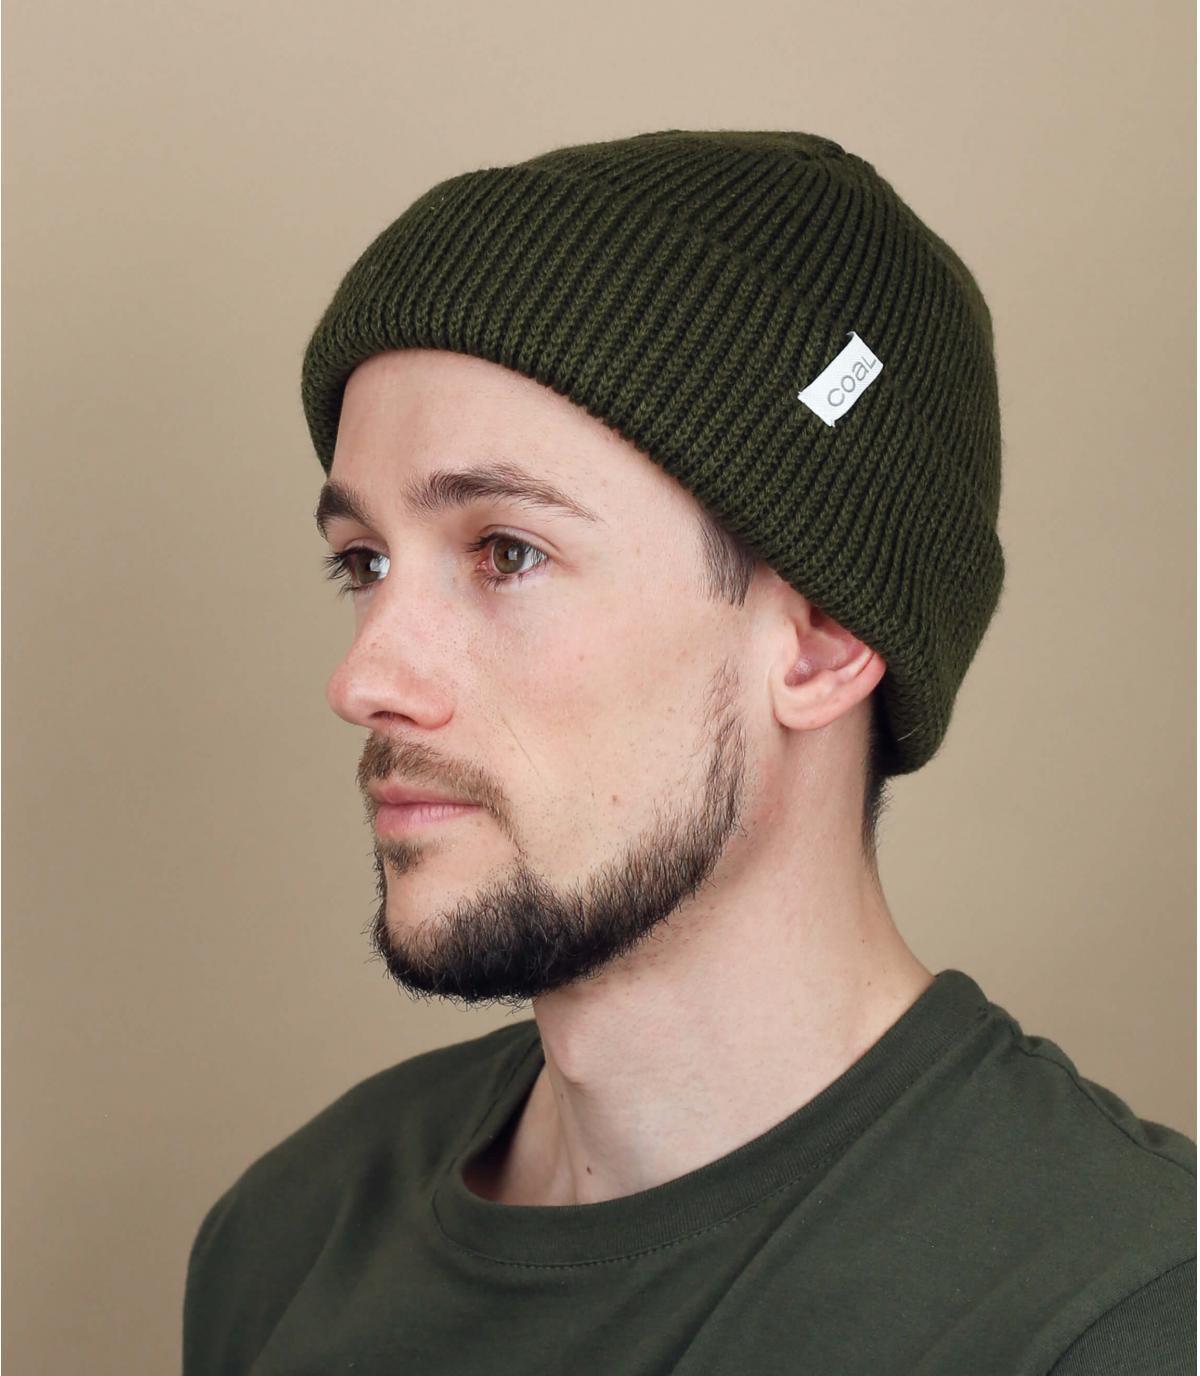 Olive frena beanie hat